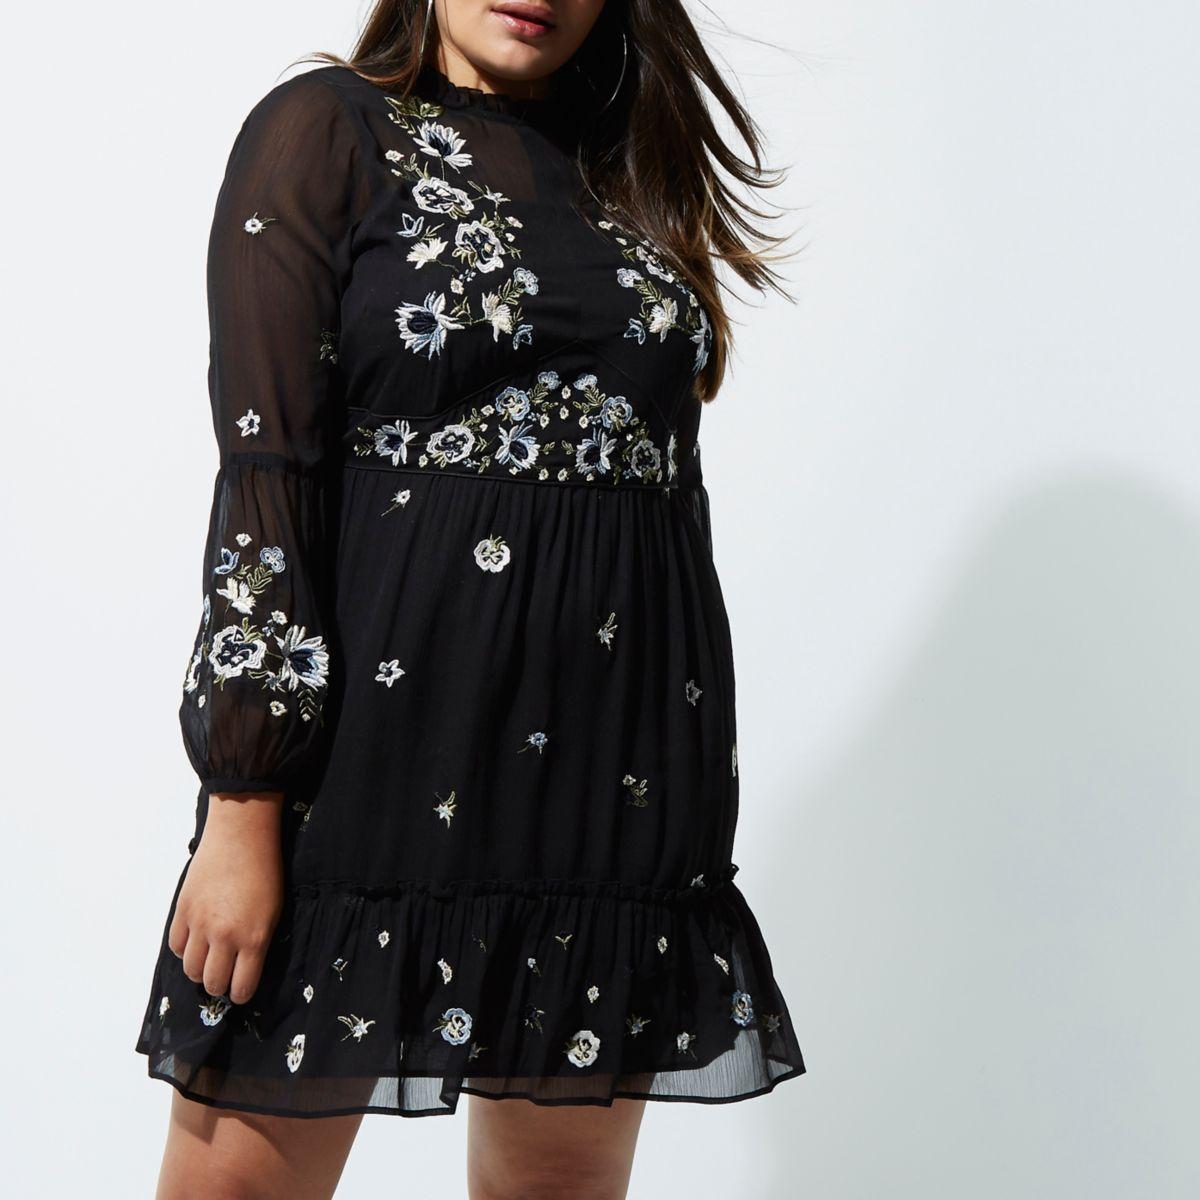 Plus black floral embroidered smock dress